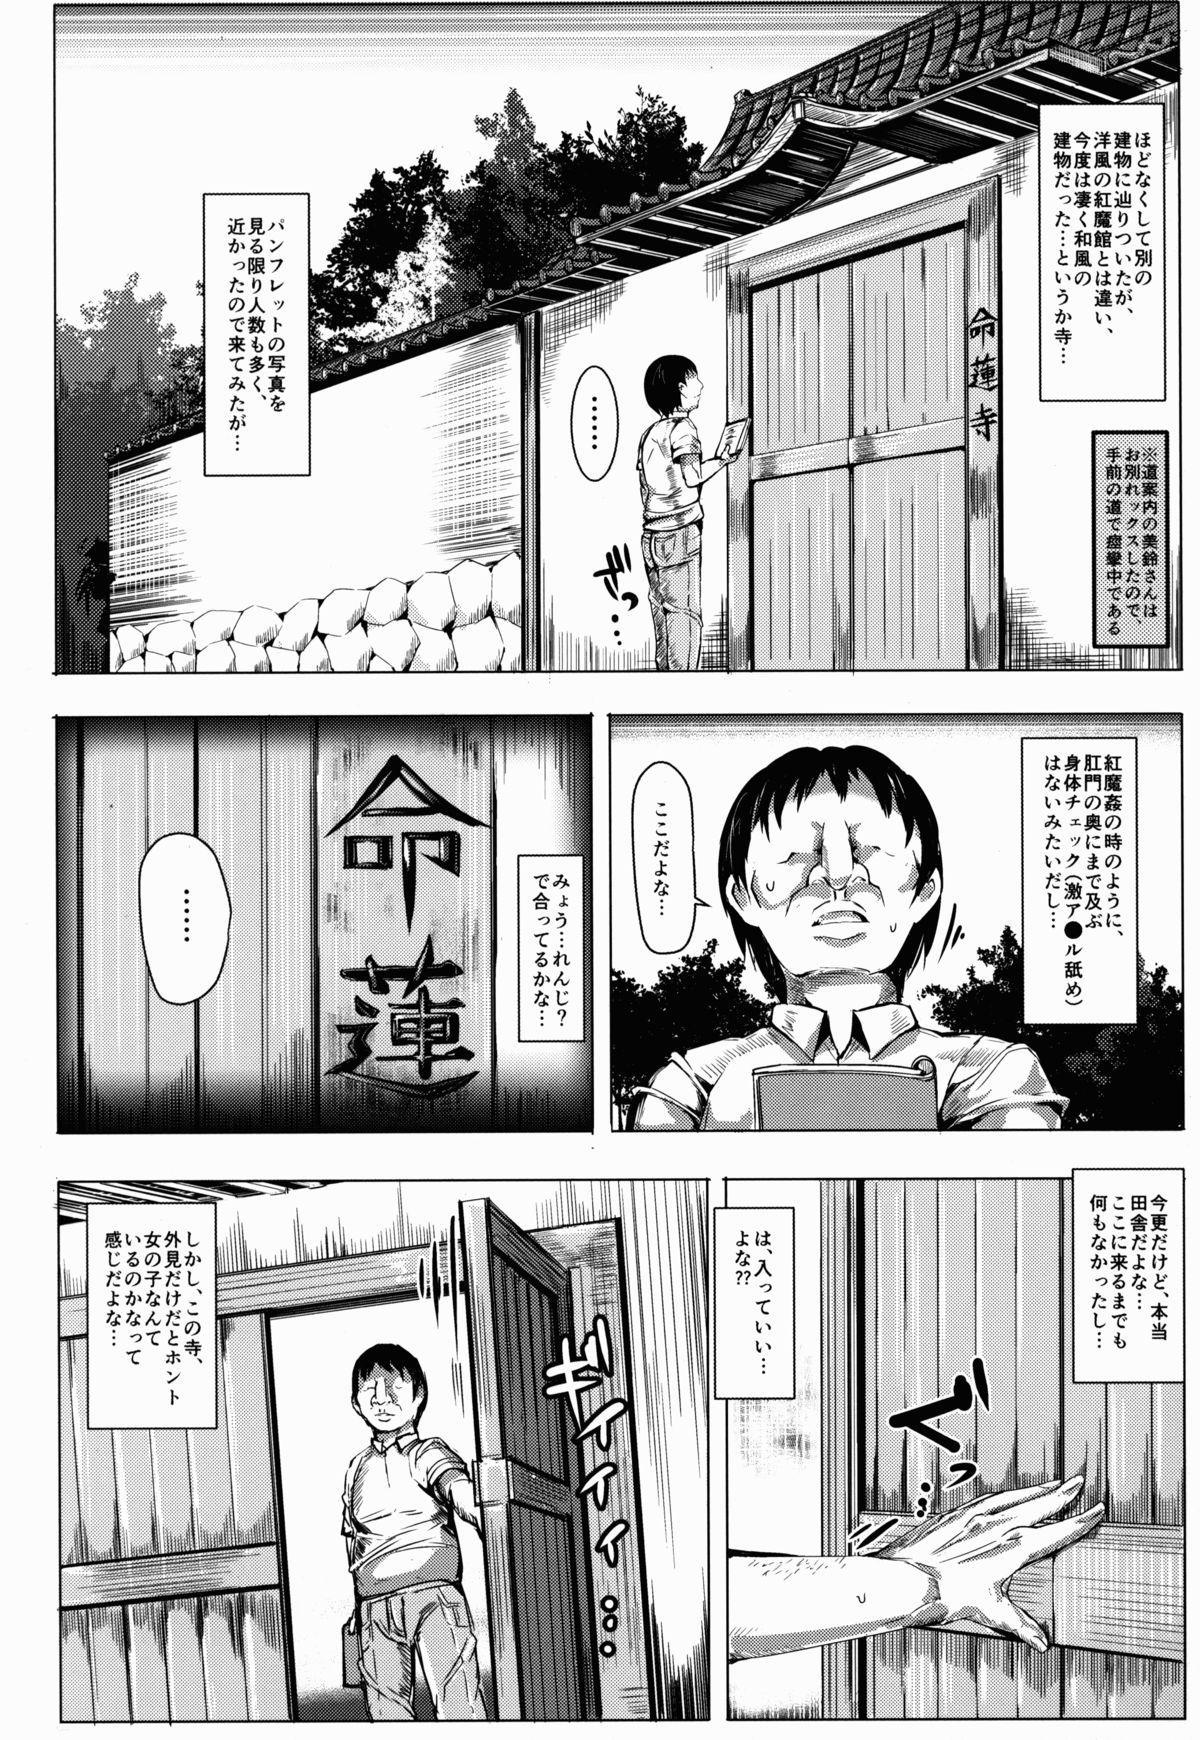 Oidemase!! Jiyuu Fuuzoku Gensoukyou Nihaku Mikka no Tabi - Kisaragi 11